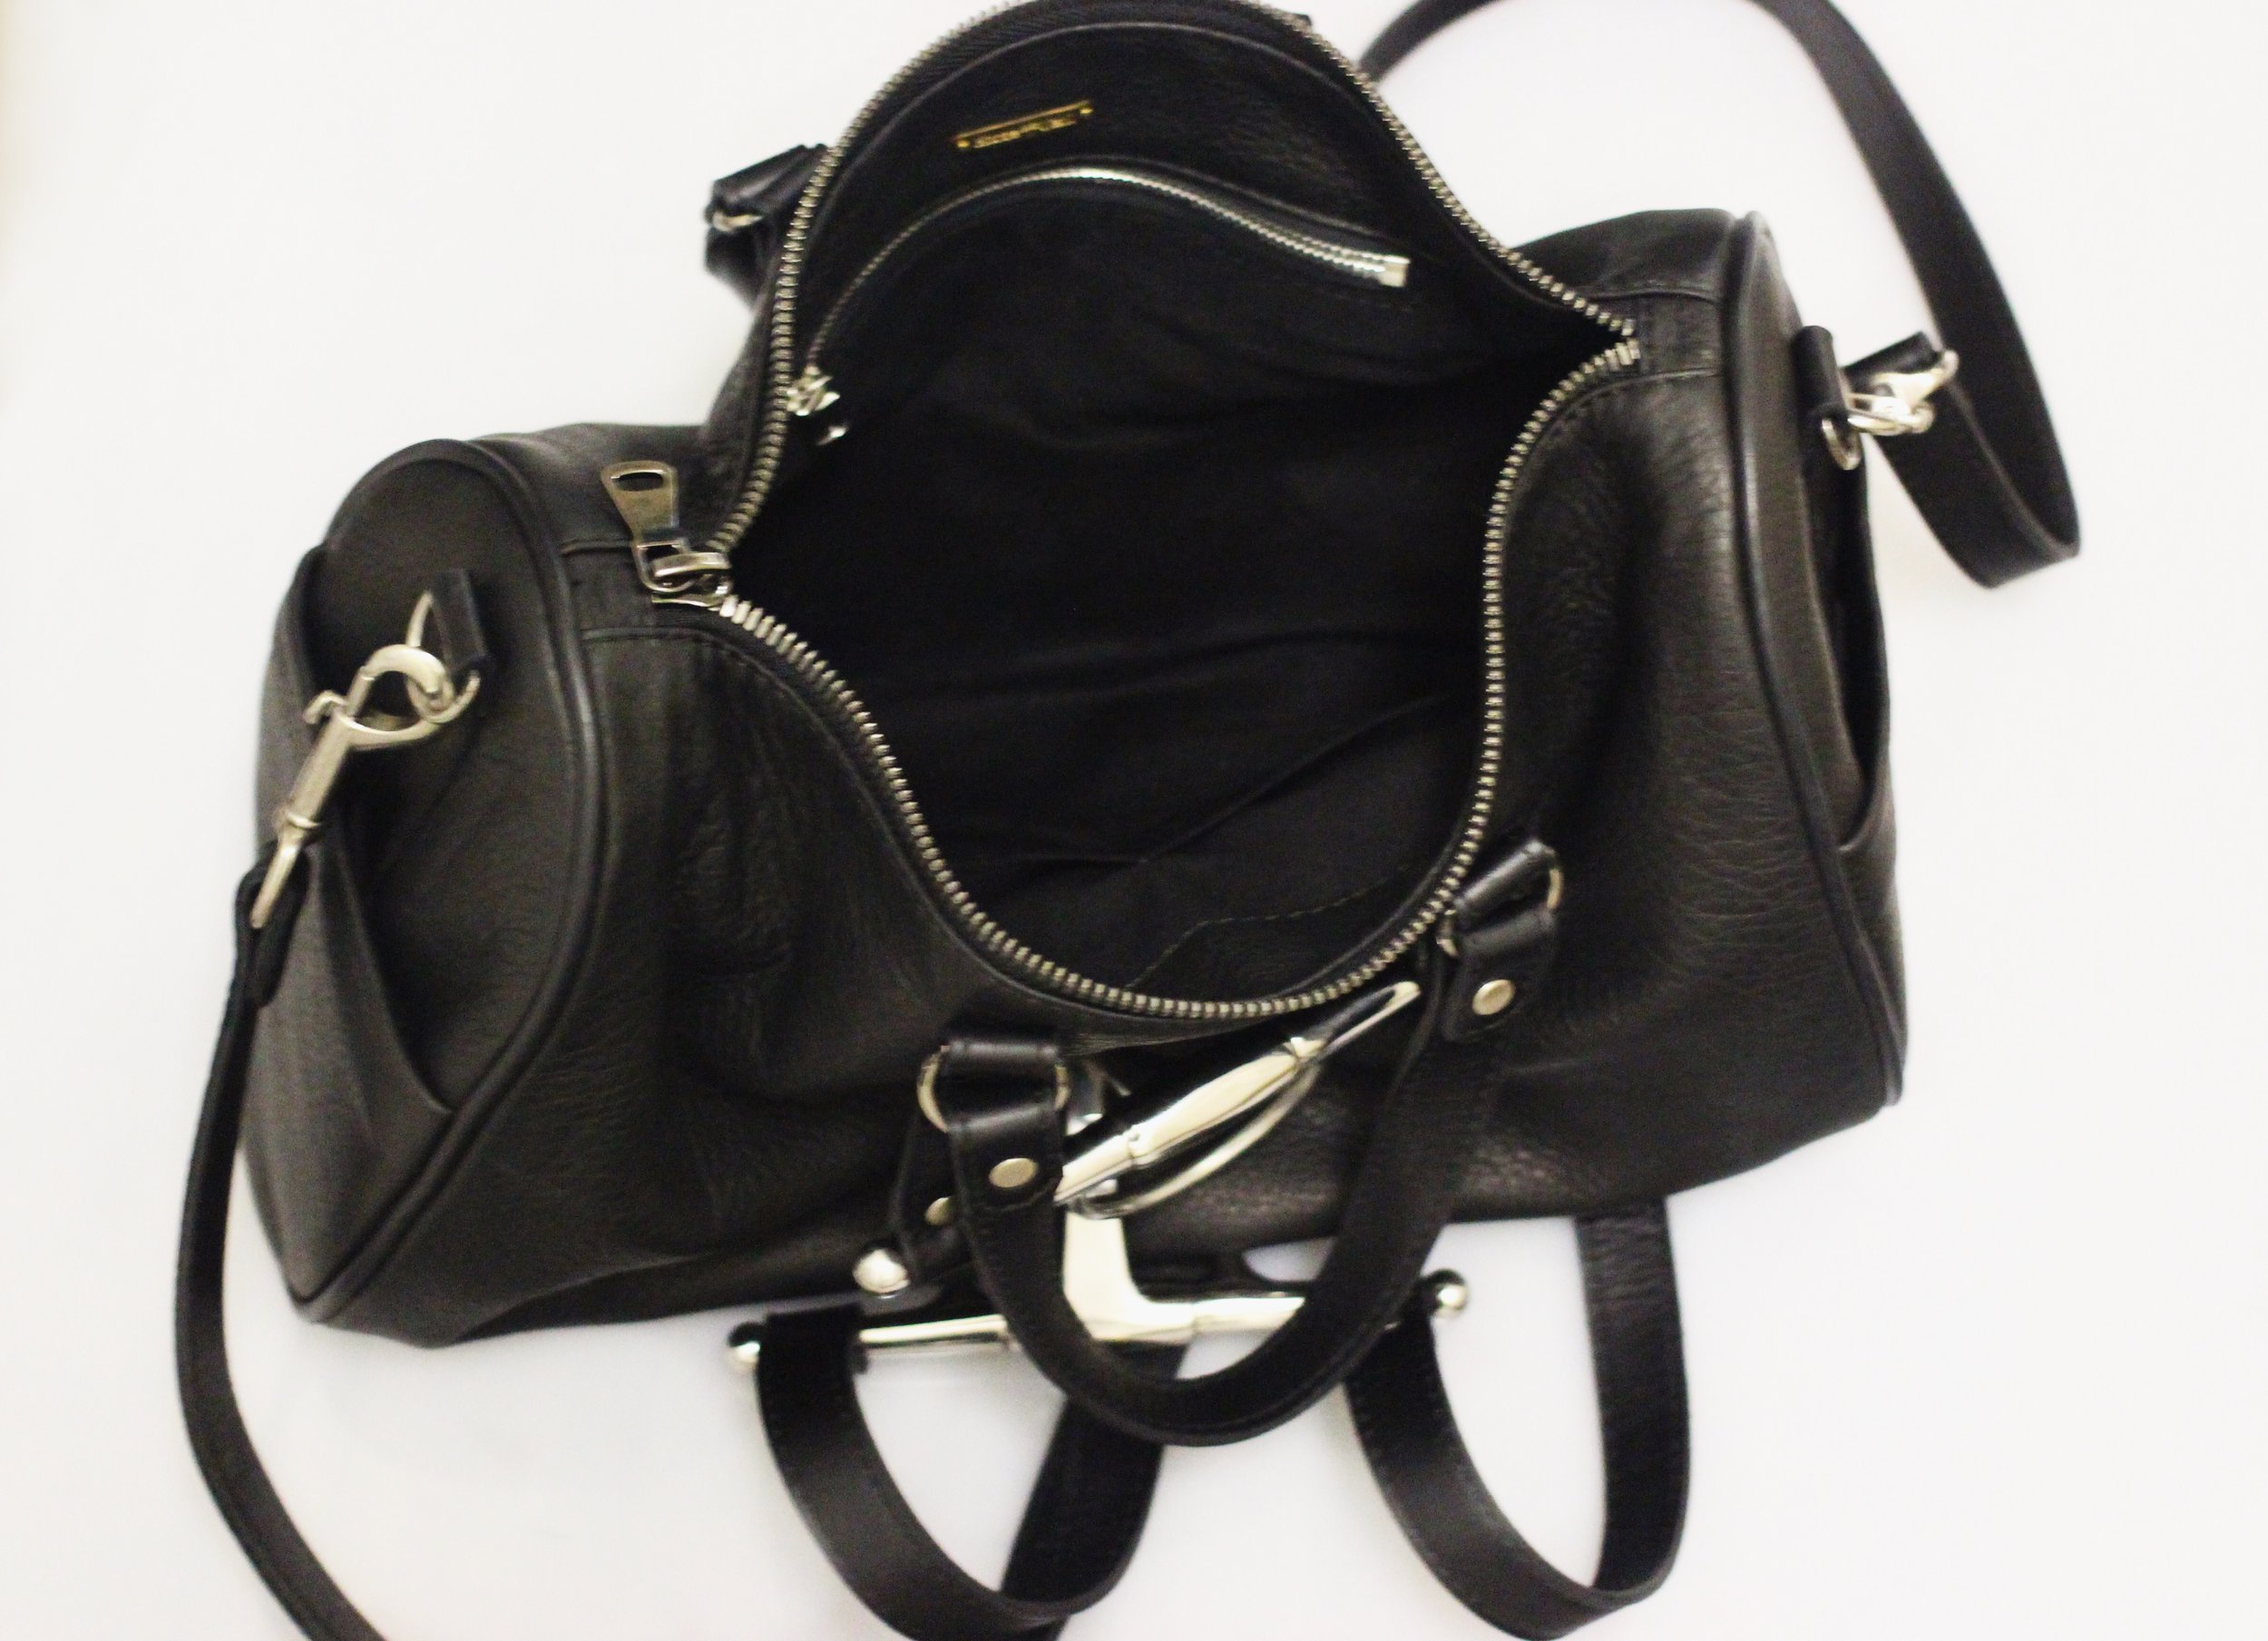 Horse and Nail Rider Duffel Handbag inside